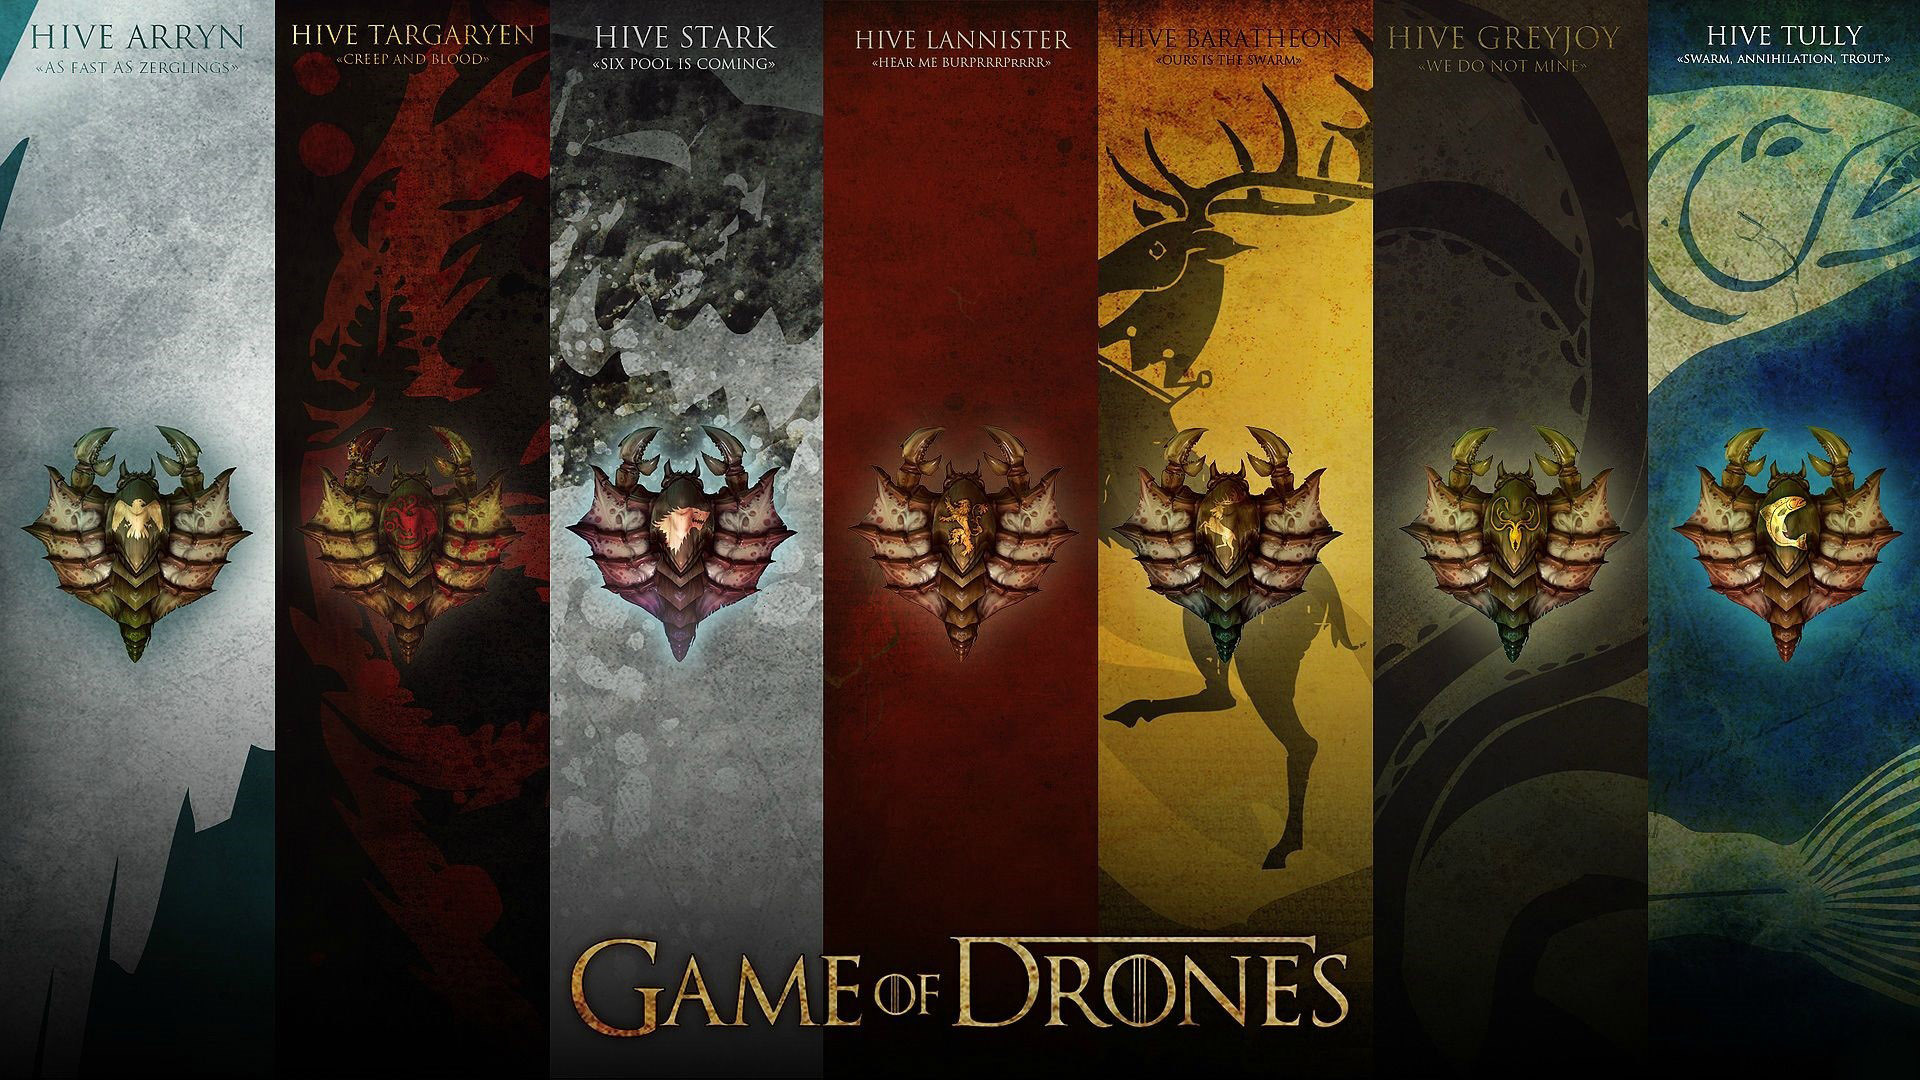 Game Of Thrones Gta Wallpaper Wallpapersafari